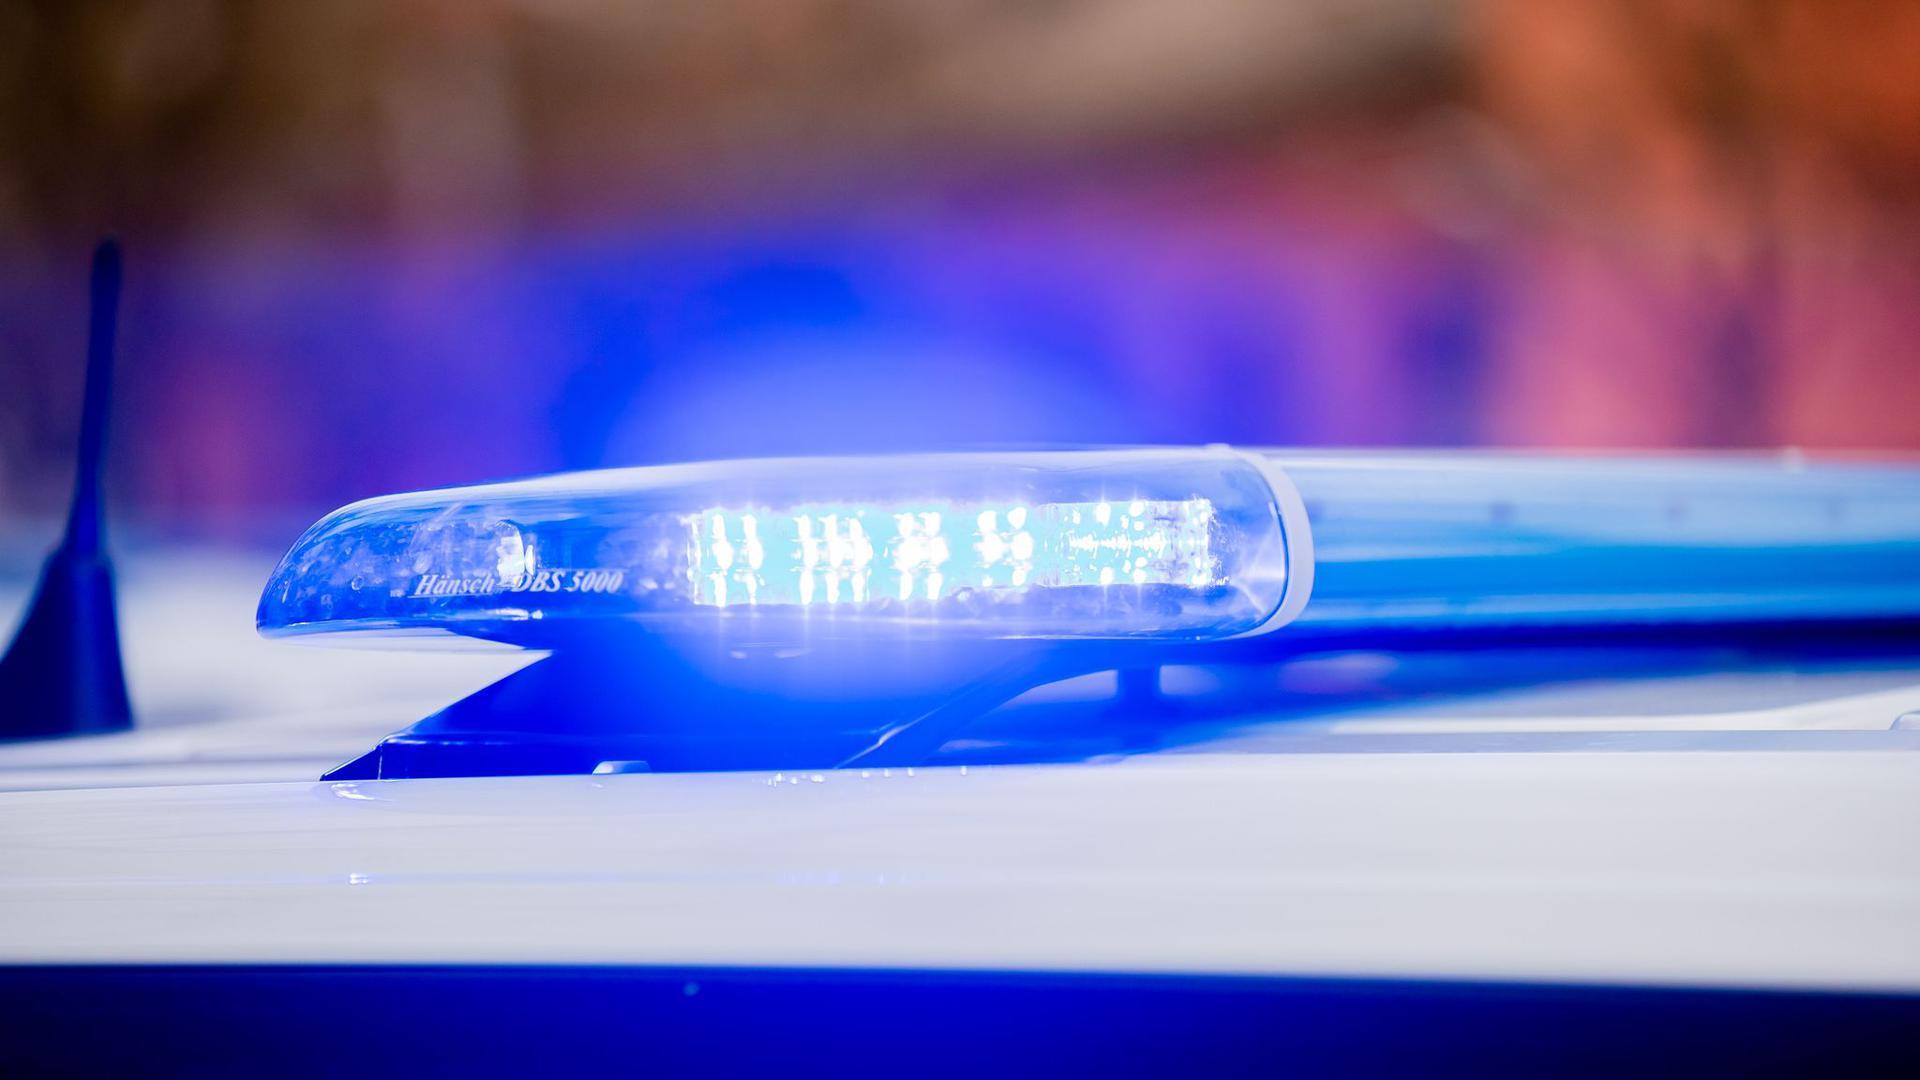 Das Blaulicht eines Polizeifahrzeuges leuchtet.